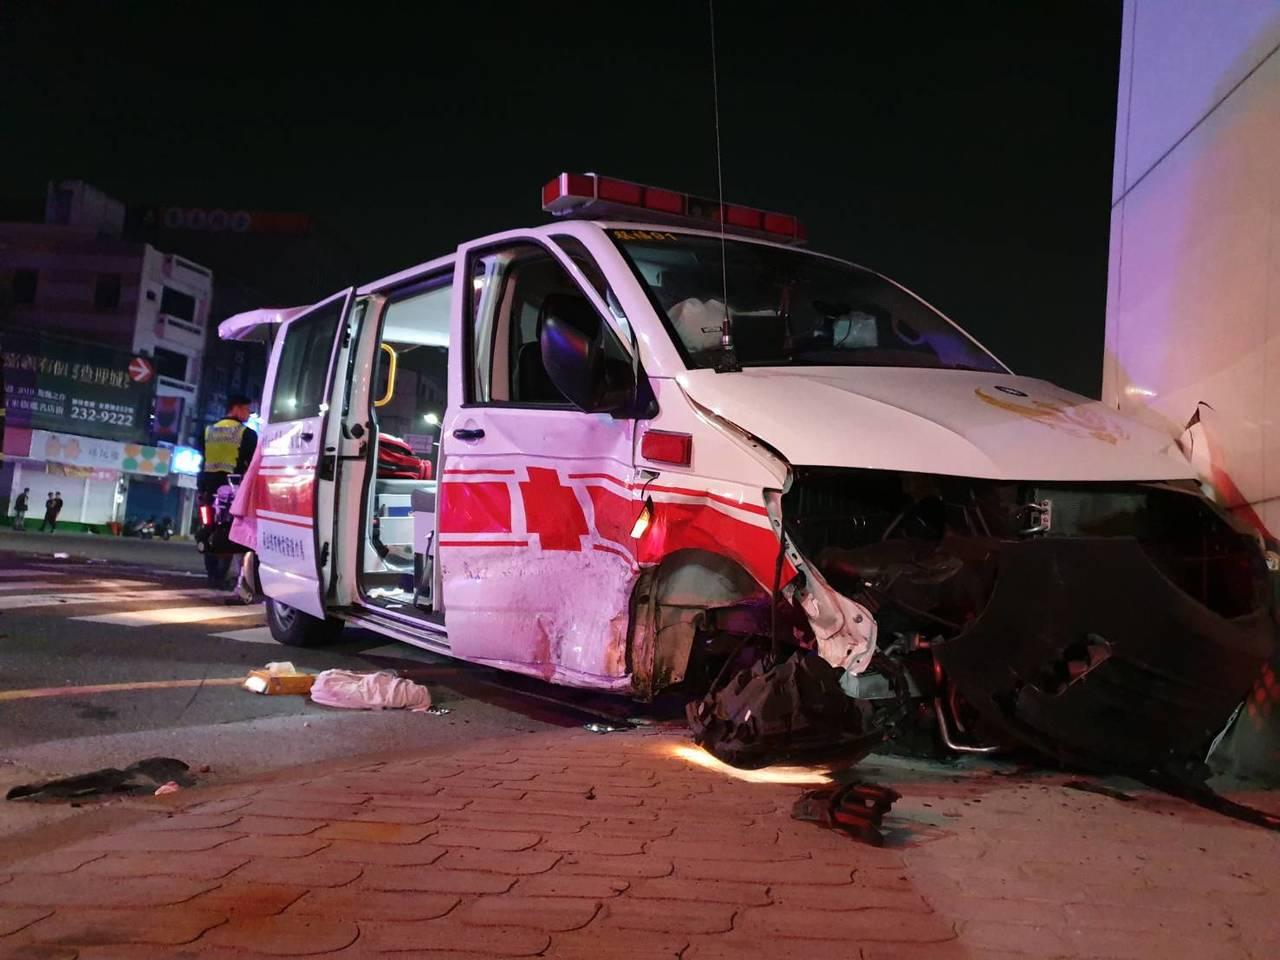 嘉義救護車被撞,造成7人受傷。記者李承穎/翻攝